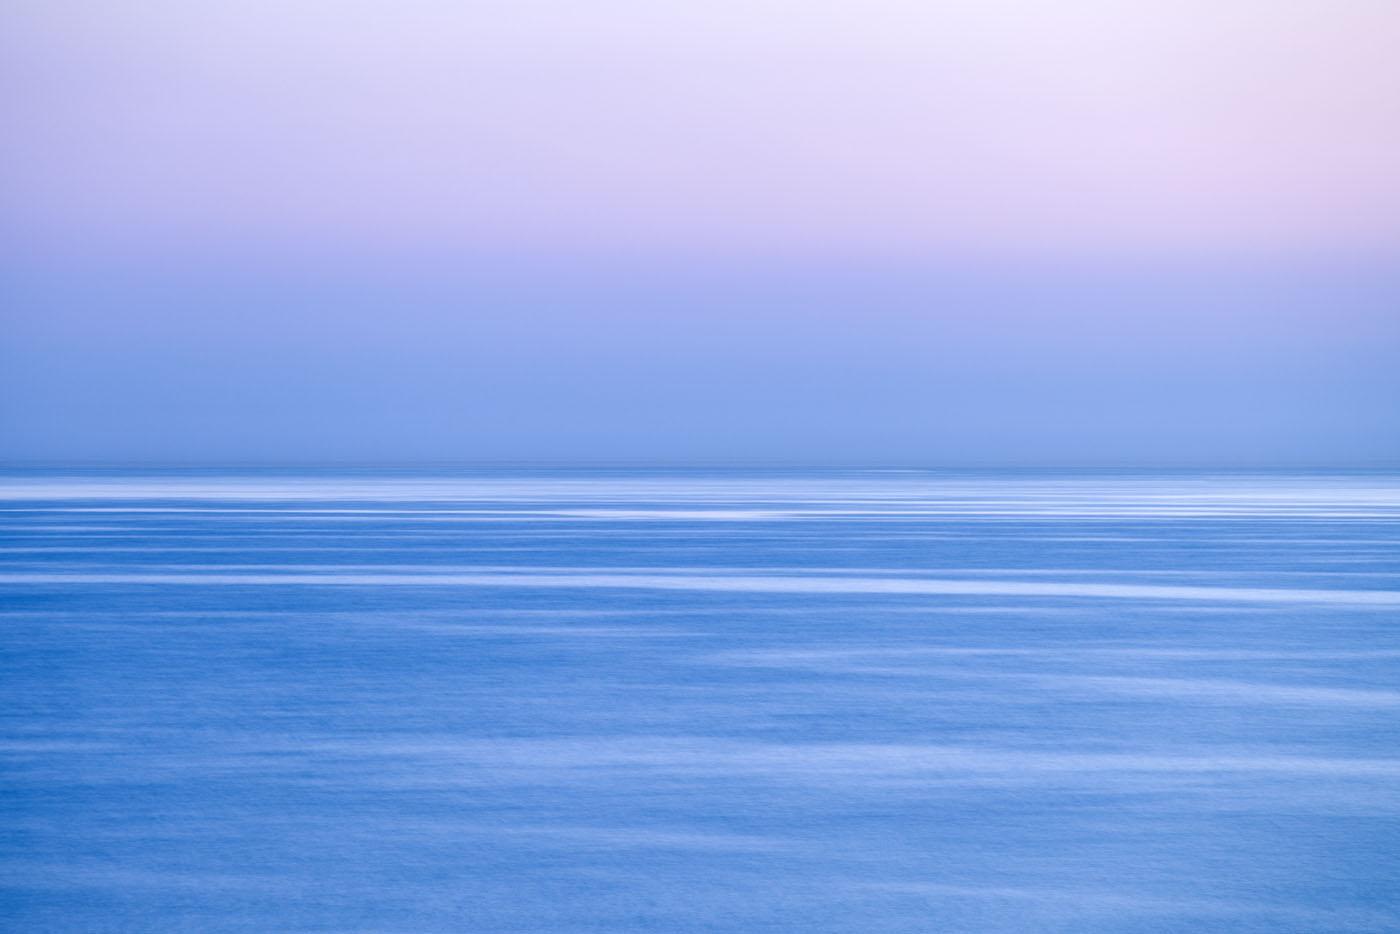 Seascape Adam van Noort Artures Fotografie Online Galerie